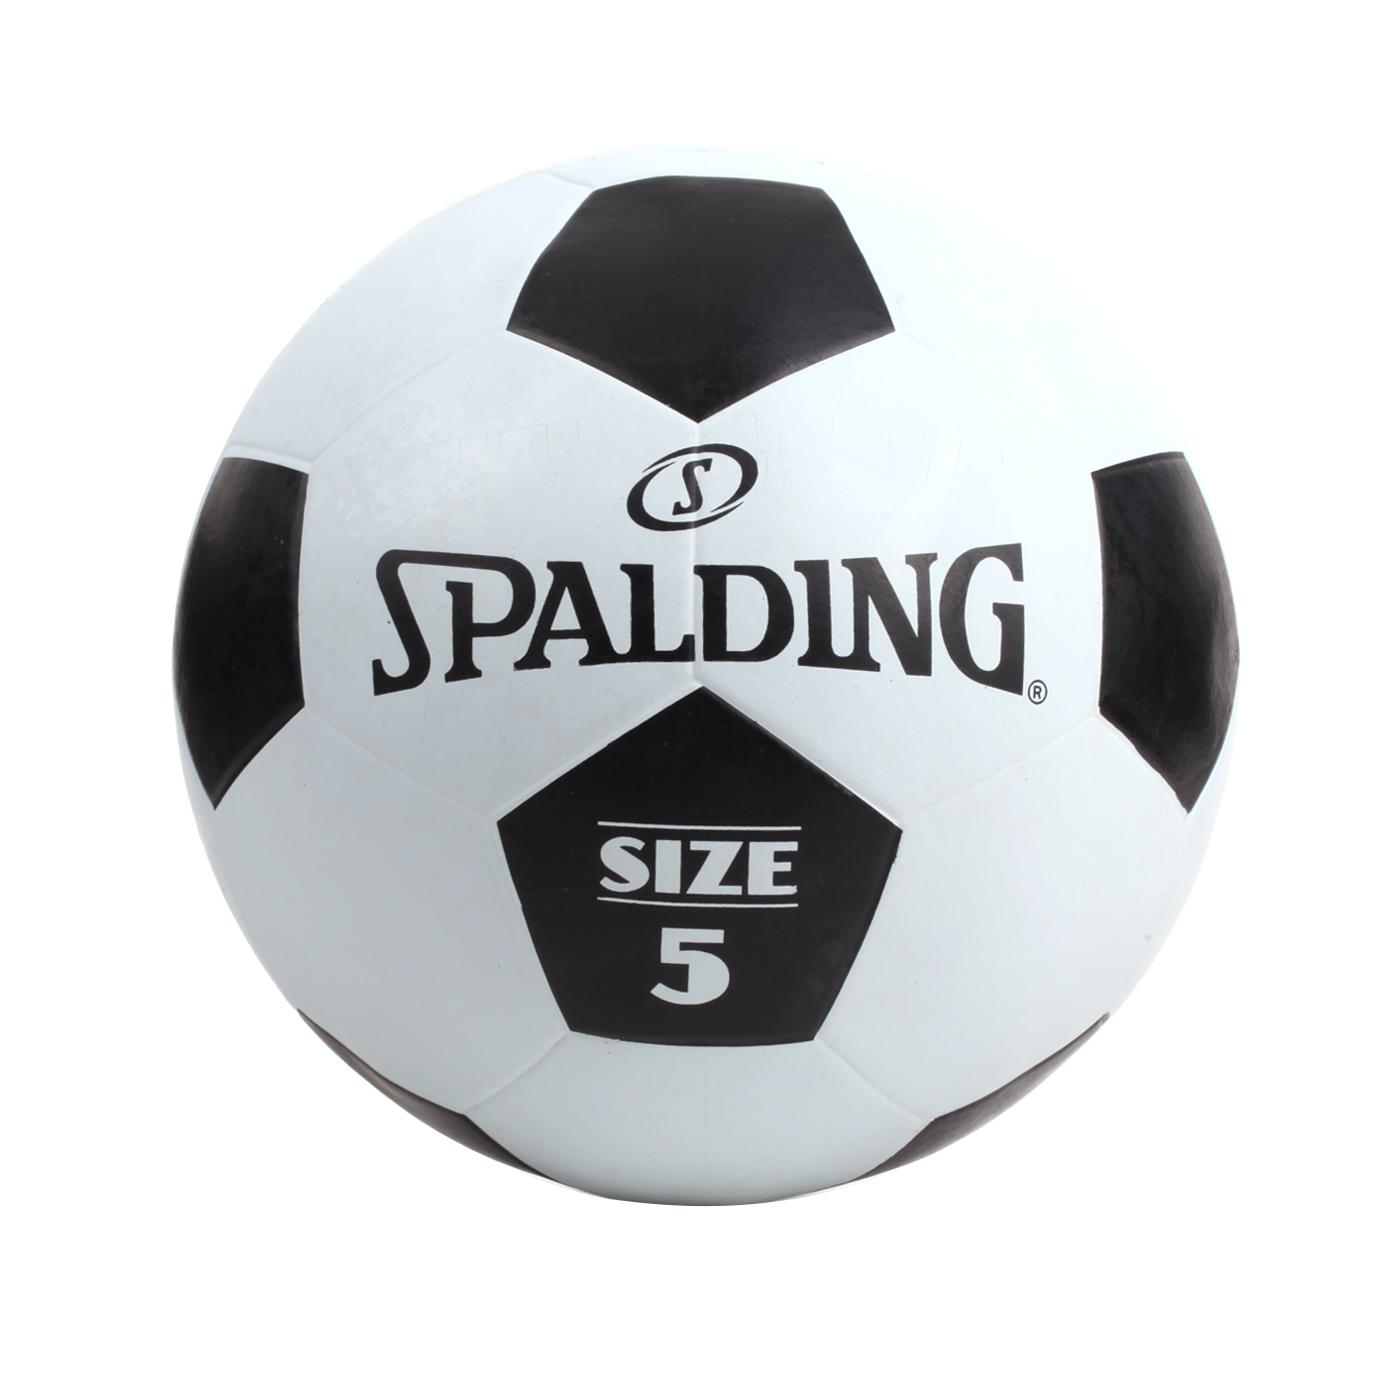 SPALDING 足球 #5 SPBC5001